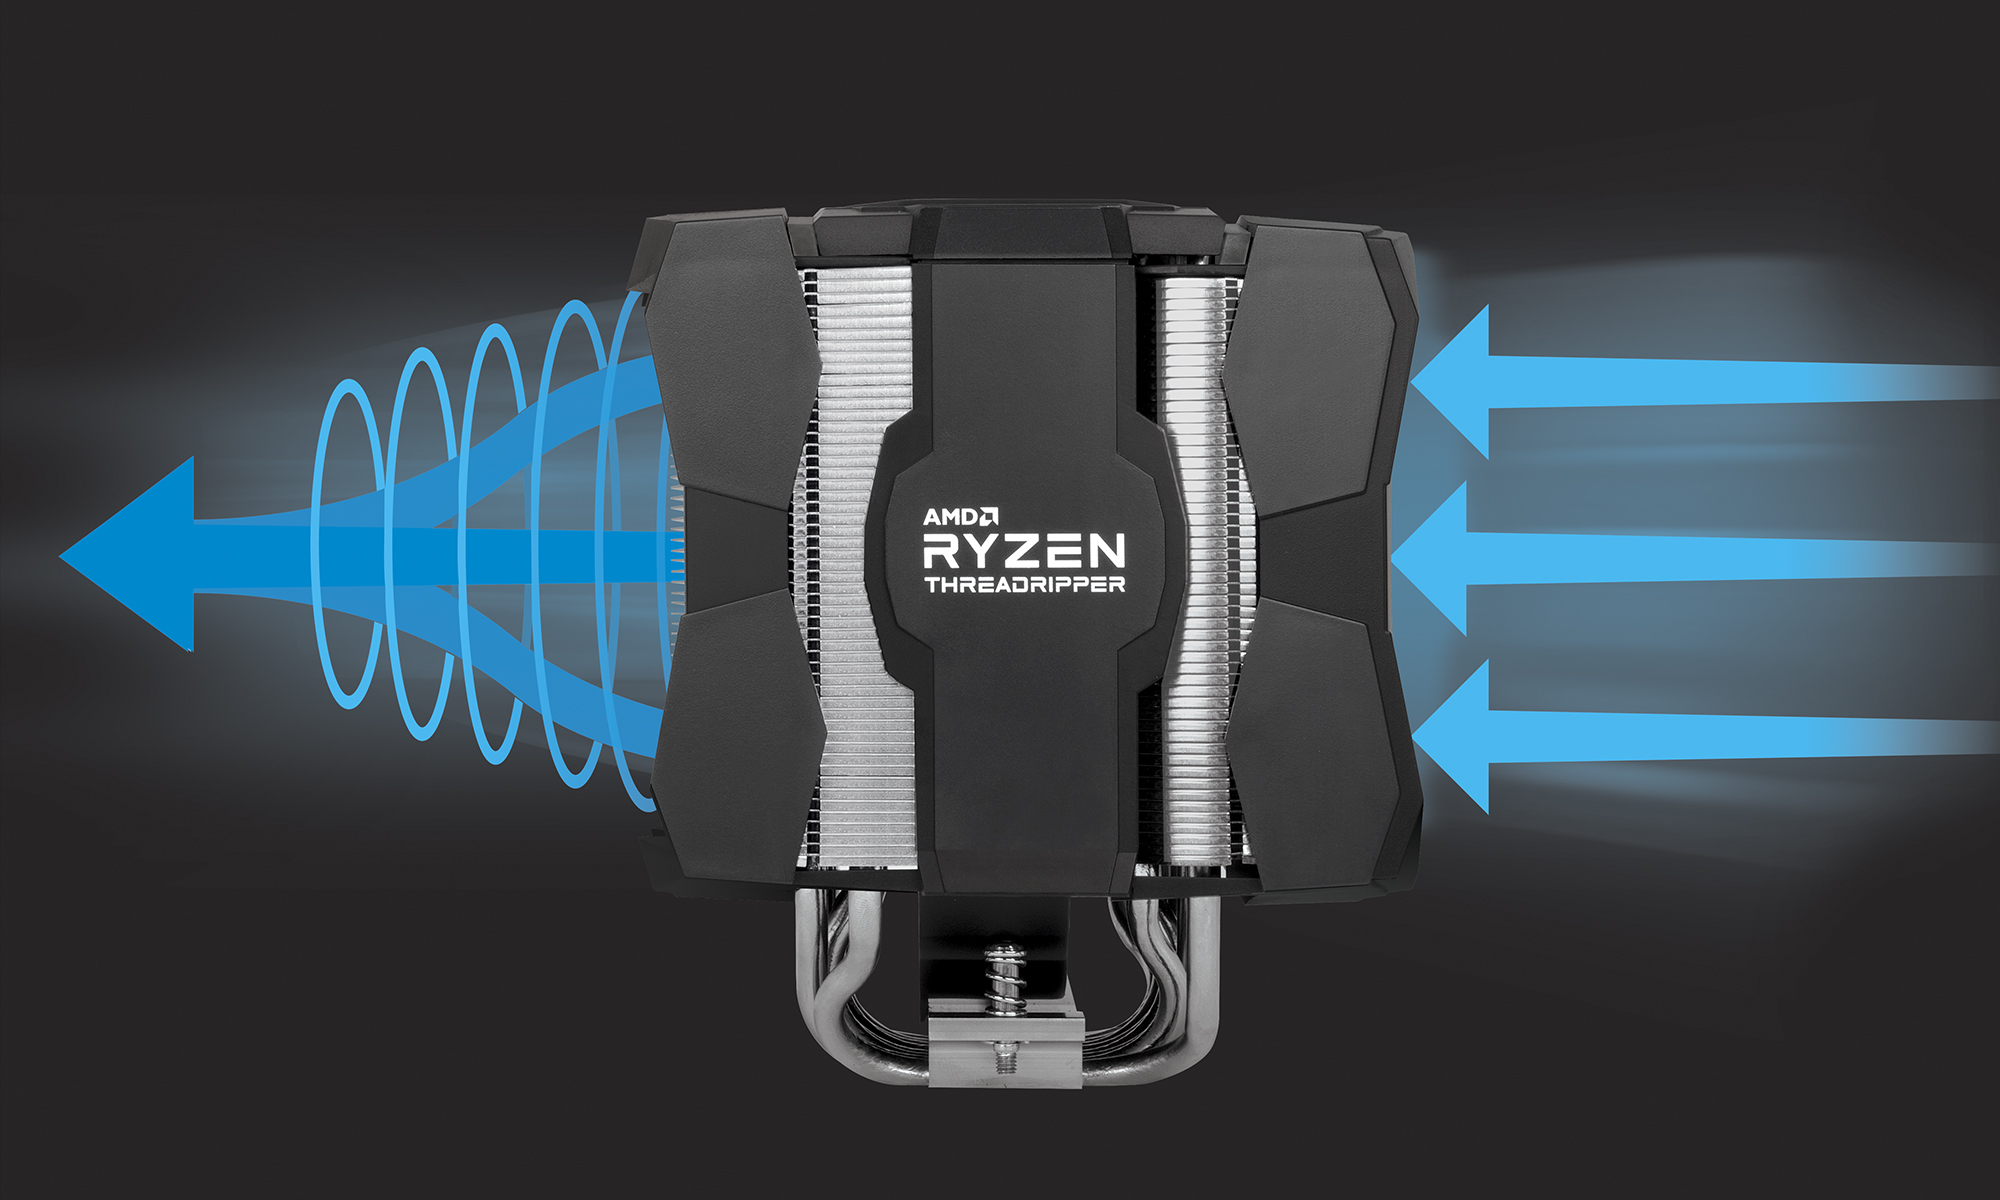 Dual Tower CPU-Kühler für AMD Ryzen™ Threadripper™ ARCTIC Freezer 50 TR mit optimaler Luftzirkulation durch Push-Pull-Konfiguration